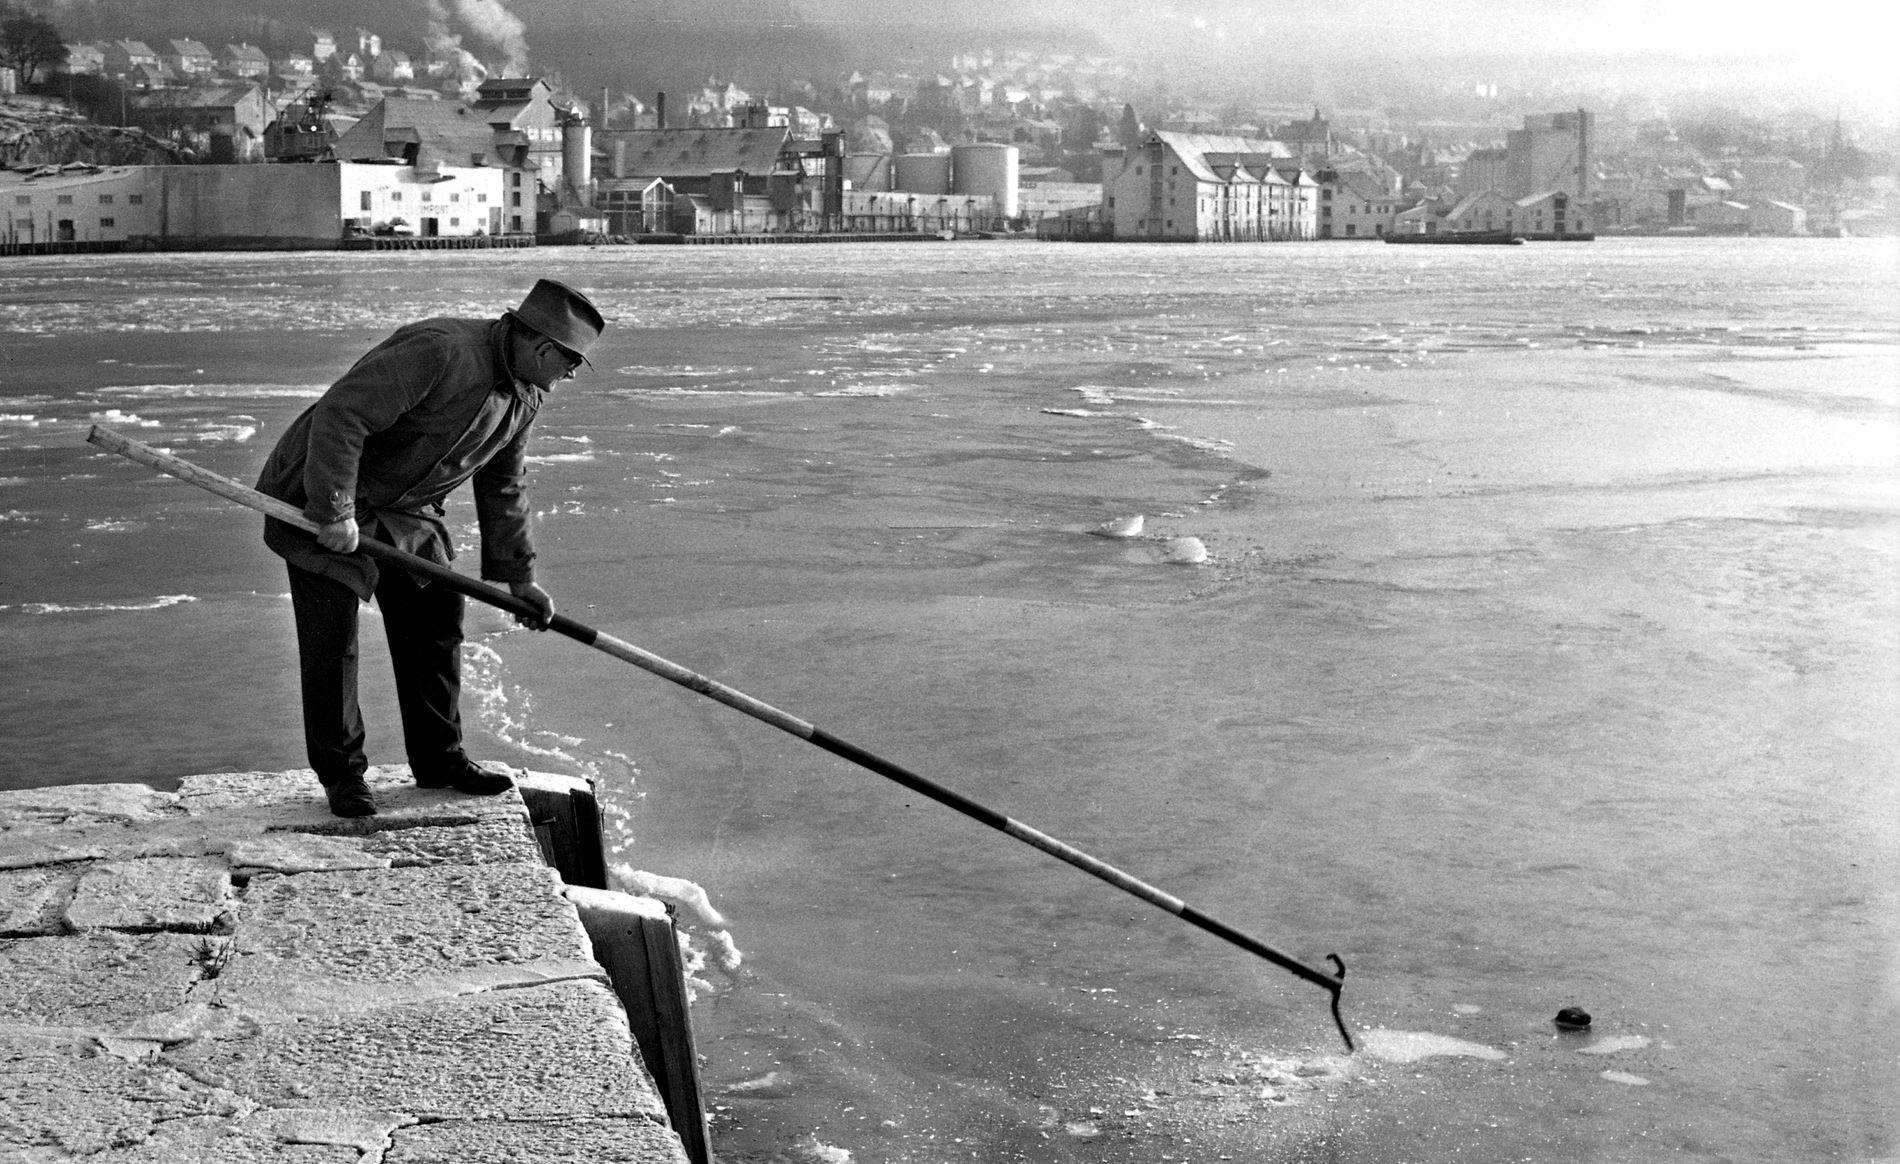 ISLAGT: I 1972 lå isen tykk og trygg på Sandviksflaket. Ikke alle båtfolk likte det. FOTO: SVERRE MO